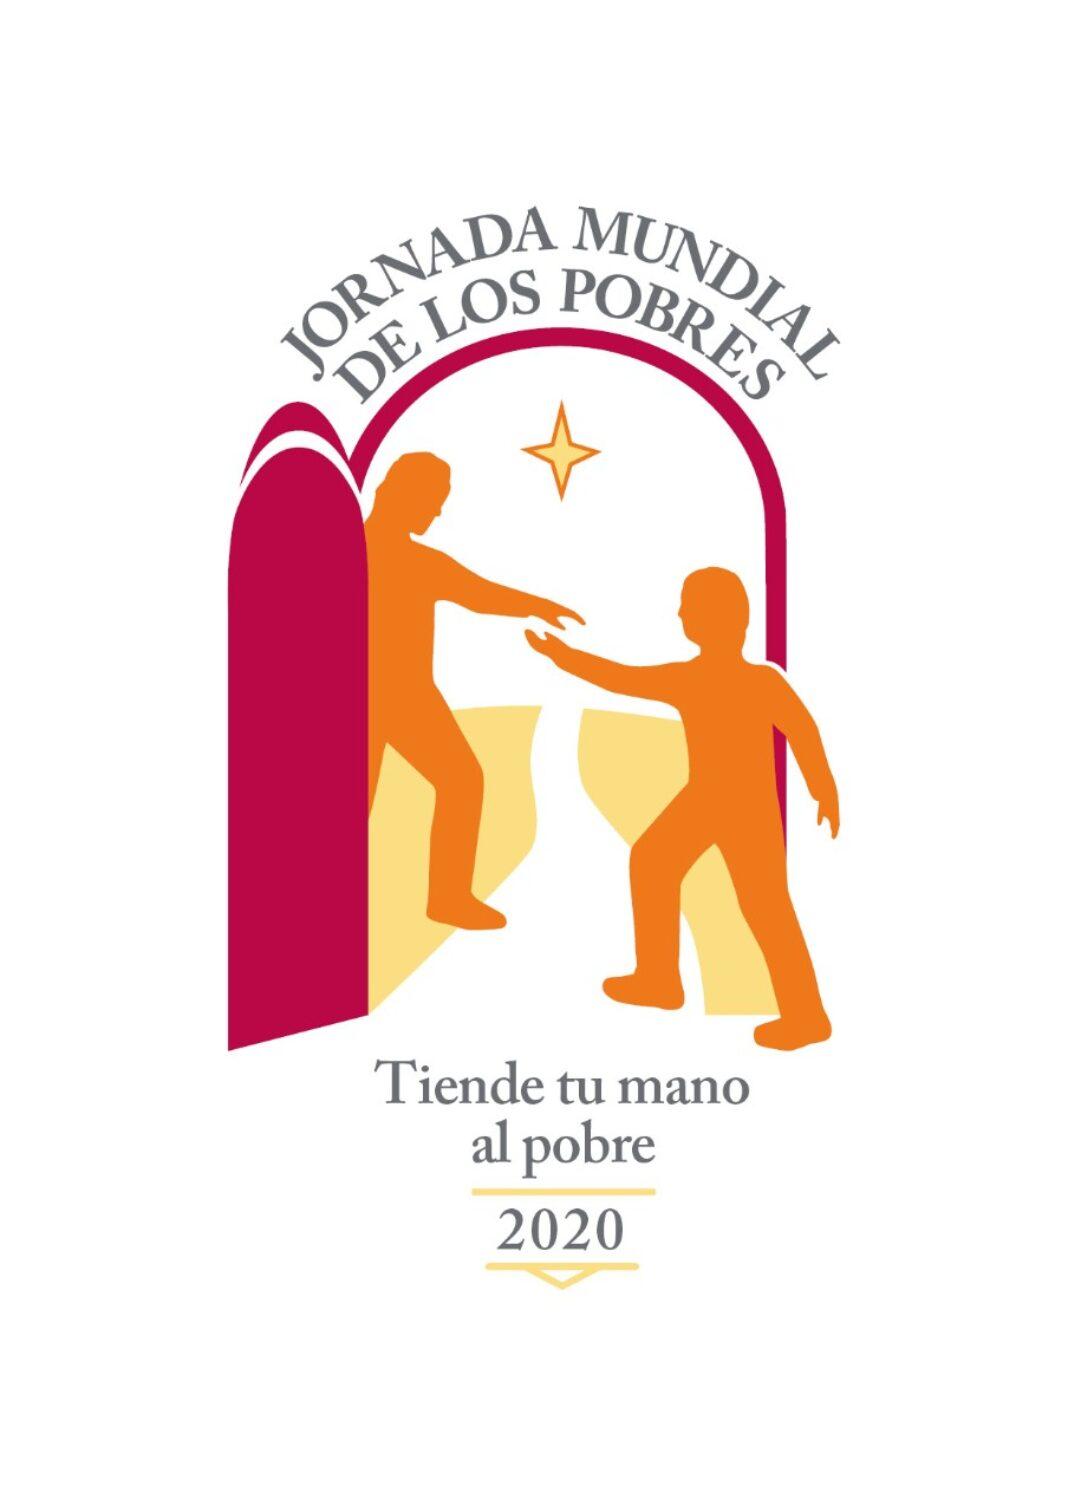 """""""Tiende tu mano al pobre"""", Jornada Mundial de los Pobres 2020 4"""